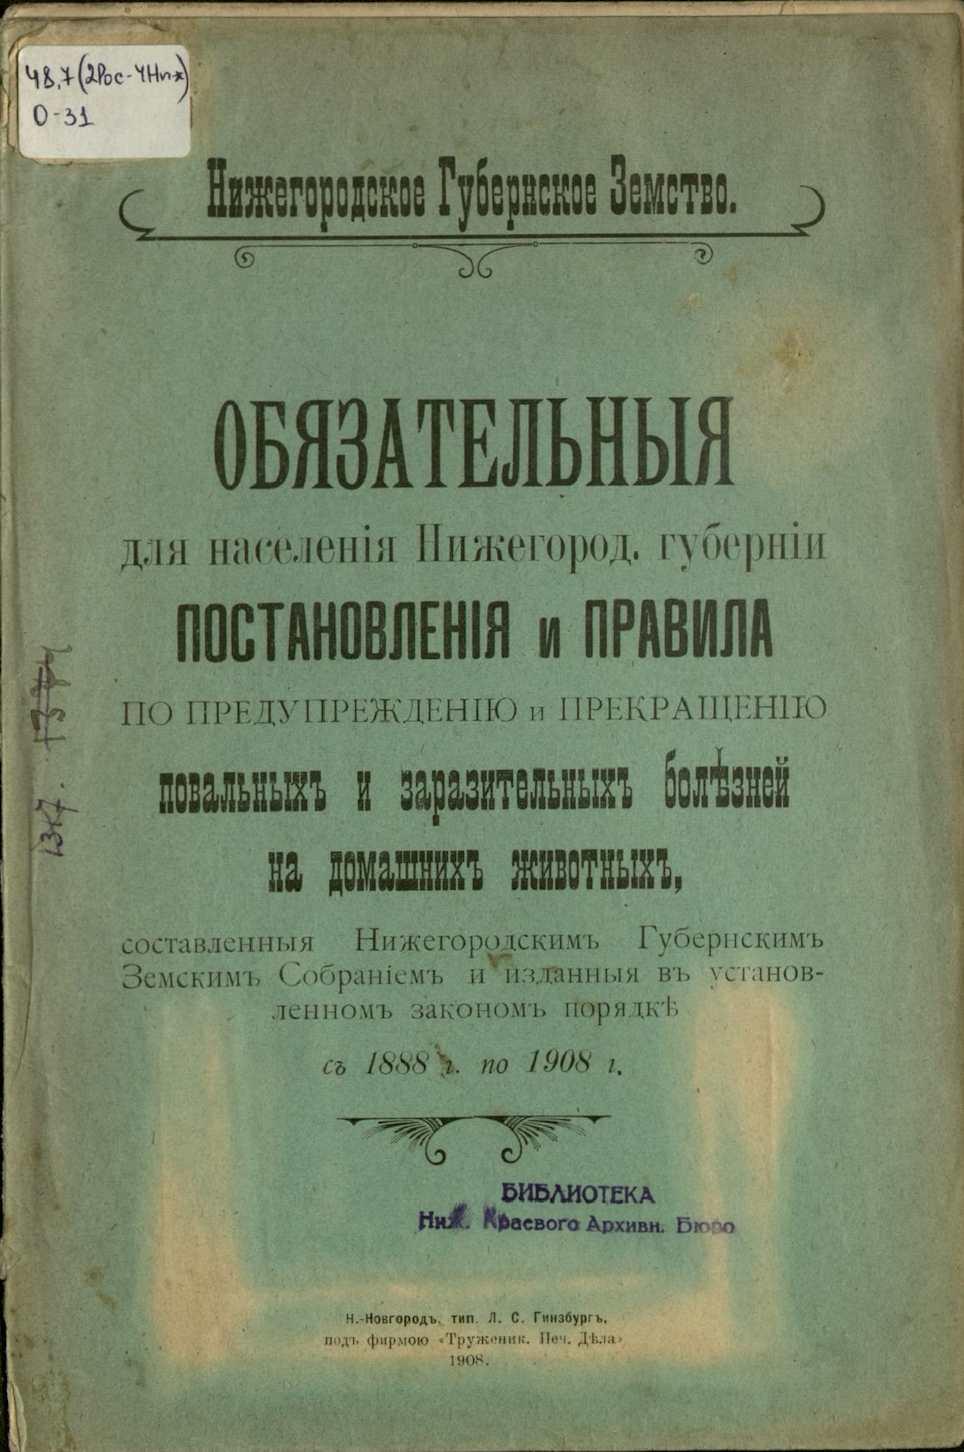 Обязательные для населения Нижегородской  губернии постановления и правила по предупреждению и прекращению повальных и заразительных болезней на домашних животных